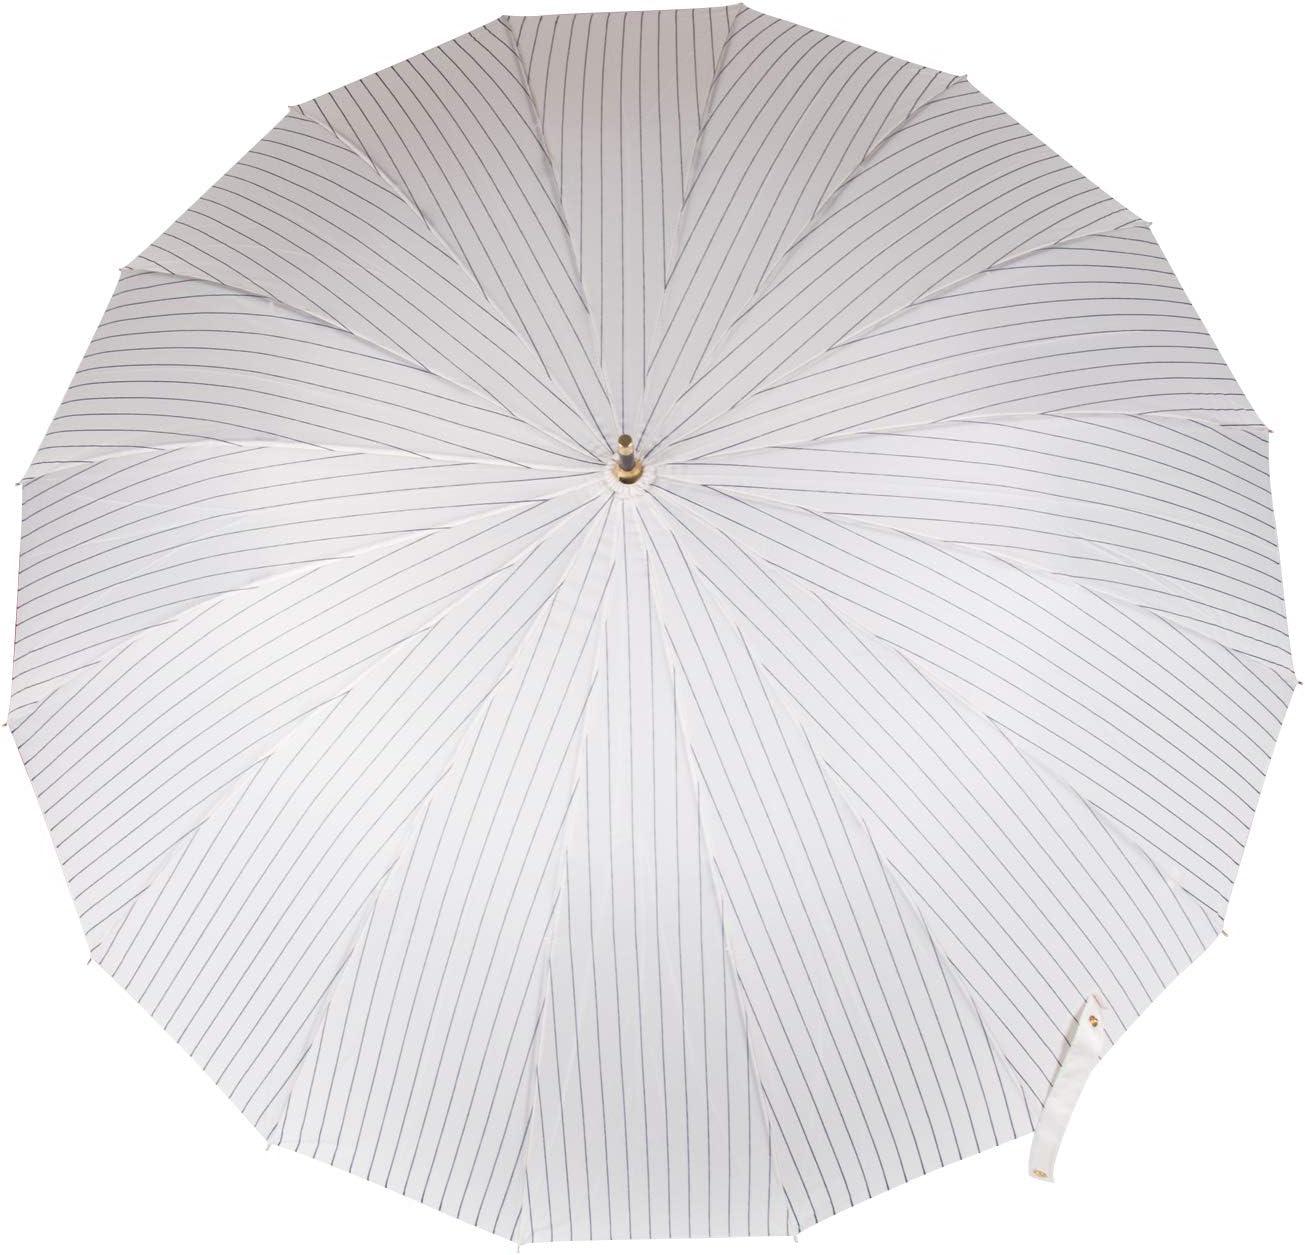 ThreeH/Parapluie en Fibre de Verre Mode cr/éatif Auto Open,16 os,Parapluies de Voyage Coupe-Vent avec poign/ée en J Classique KS22,Blanc